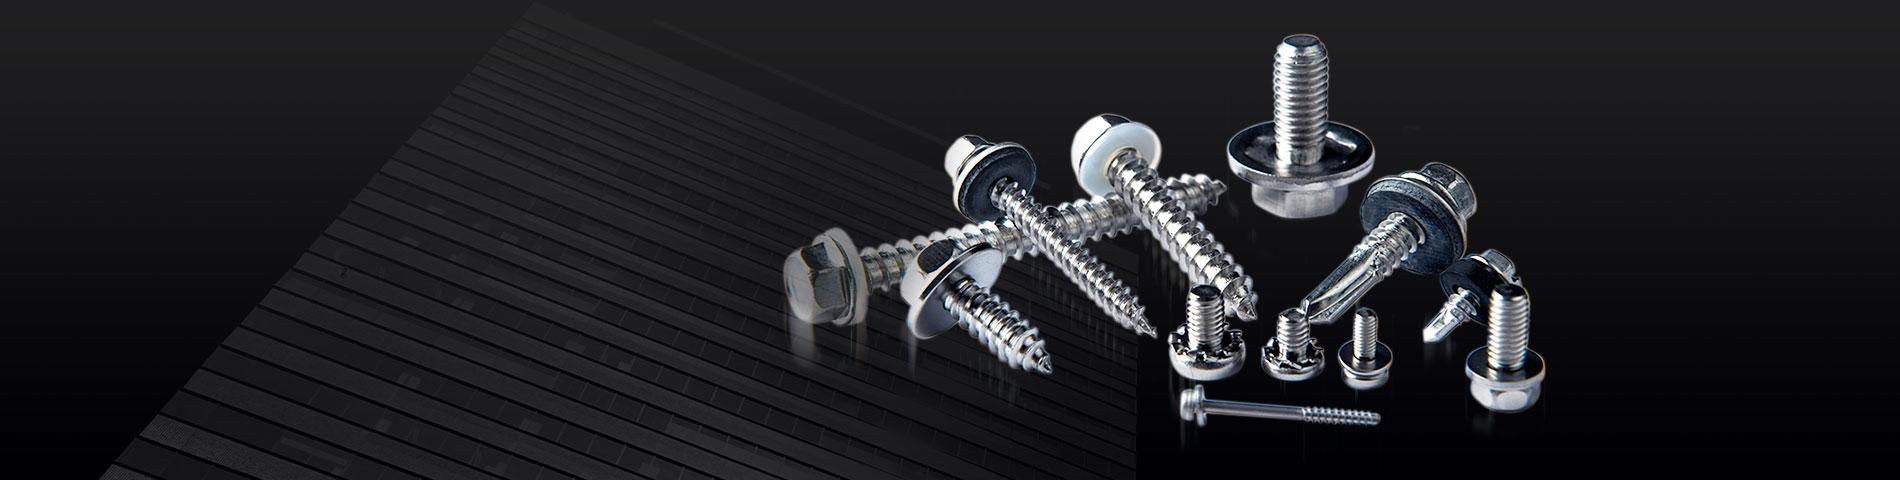 45年的不鏽鋼緊固件 製造經驗